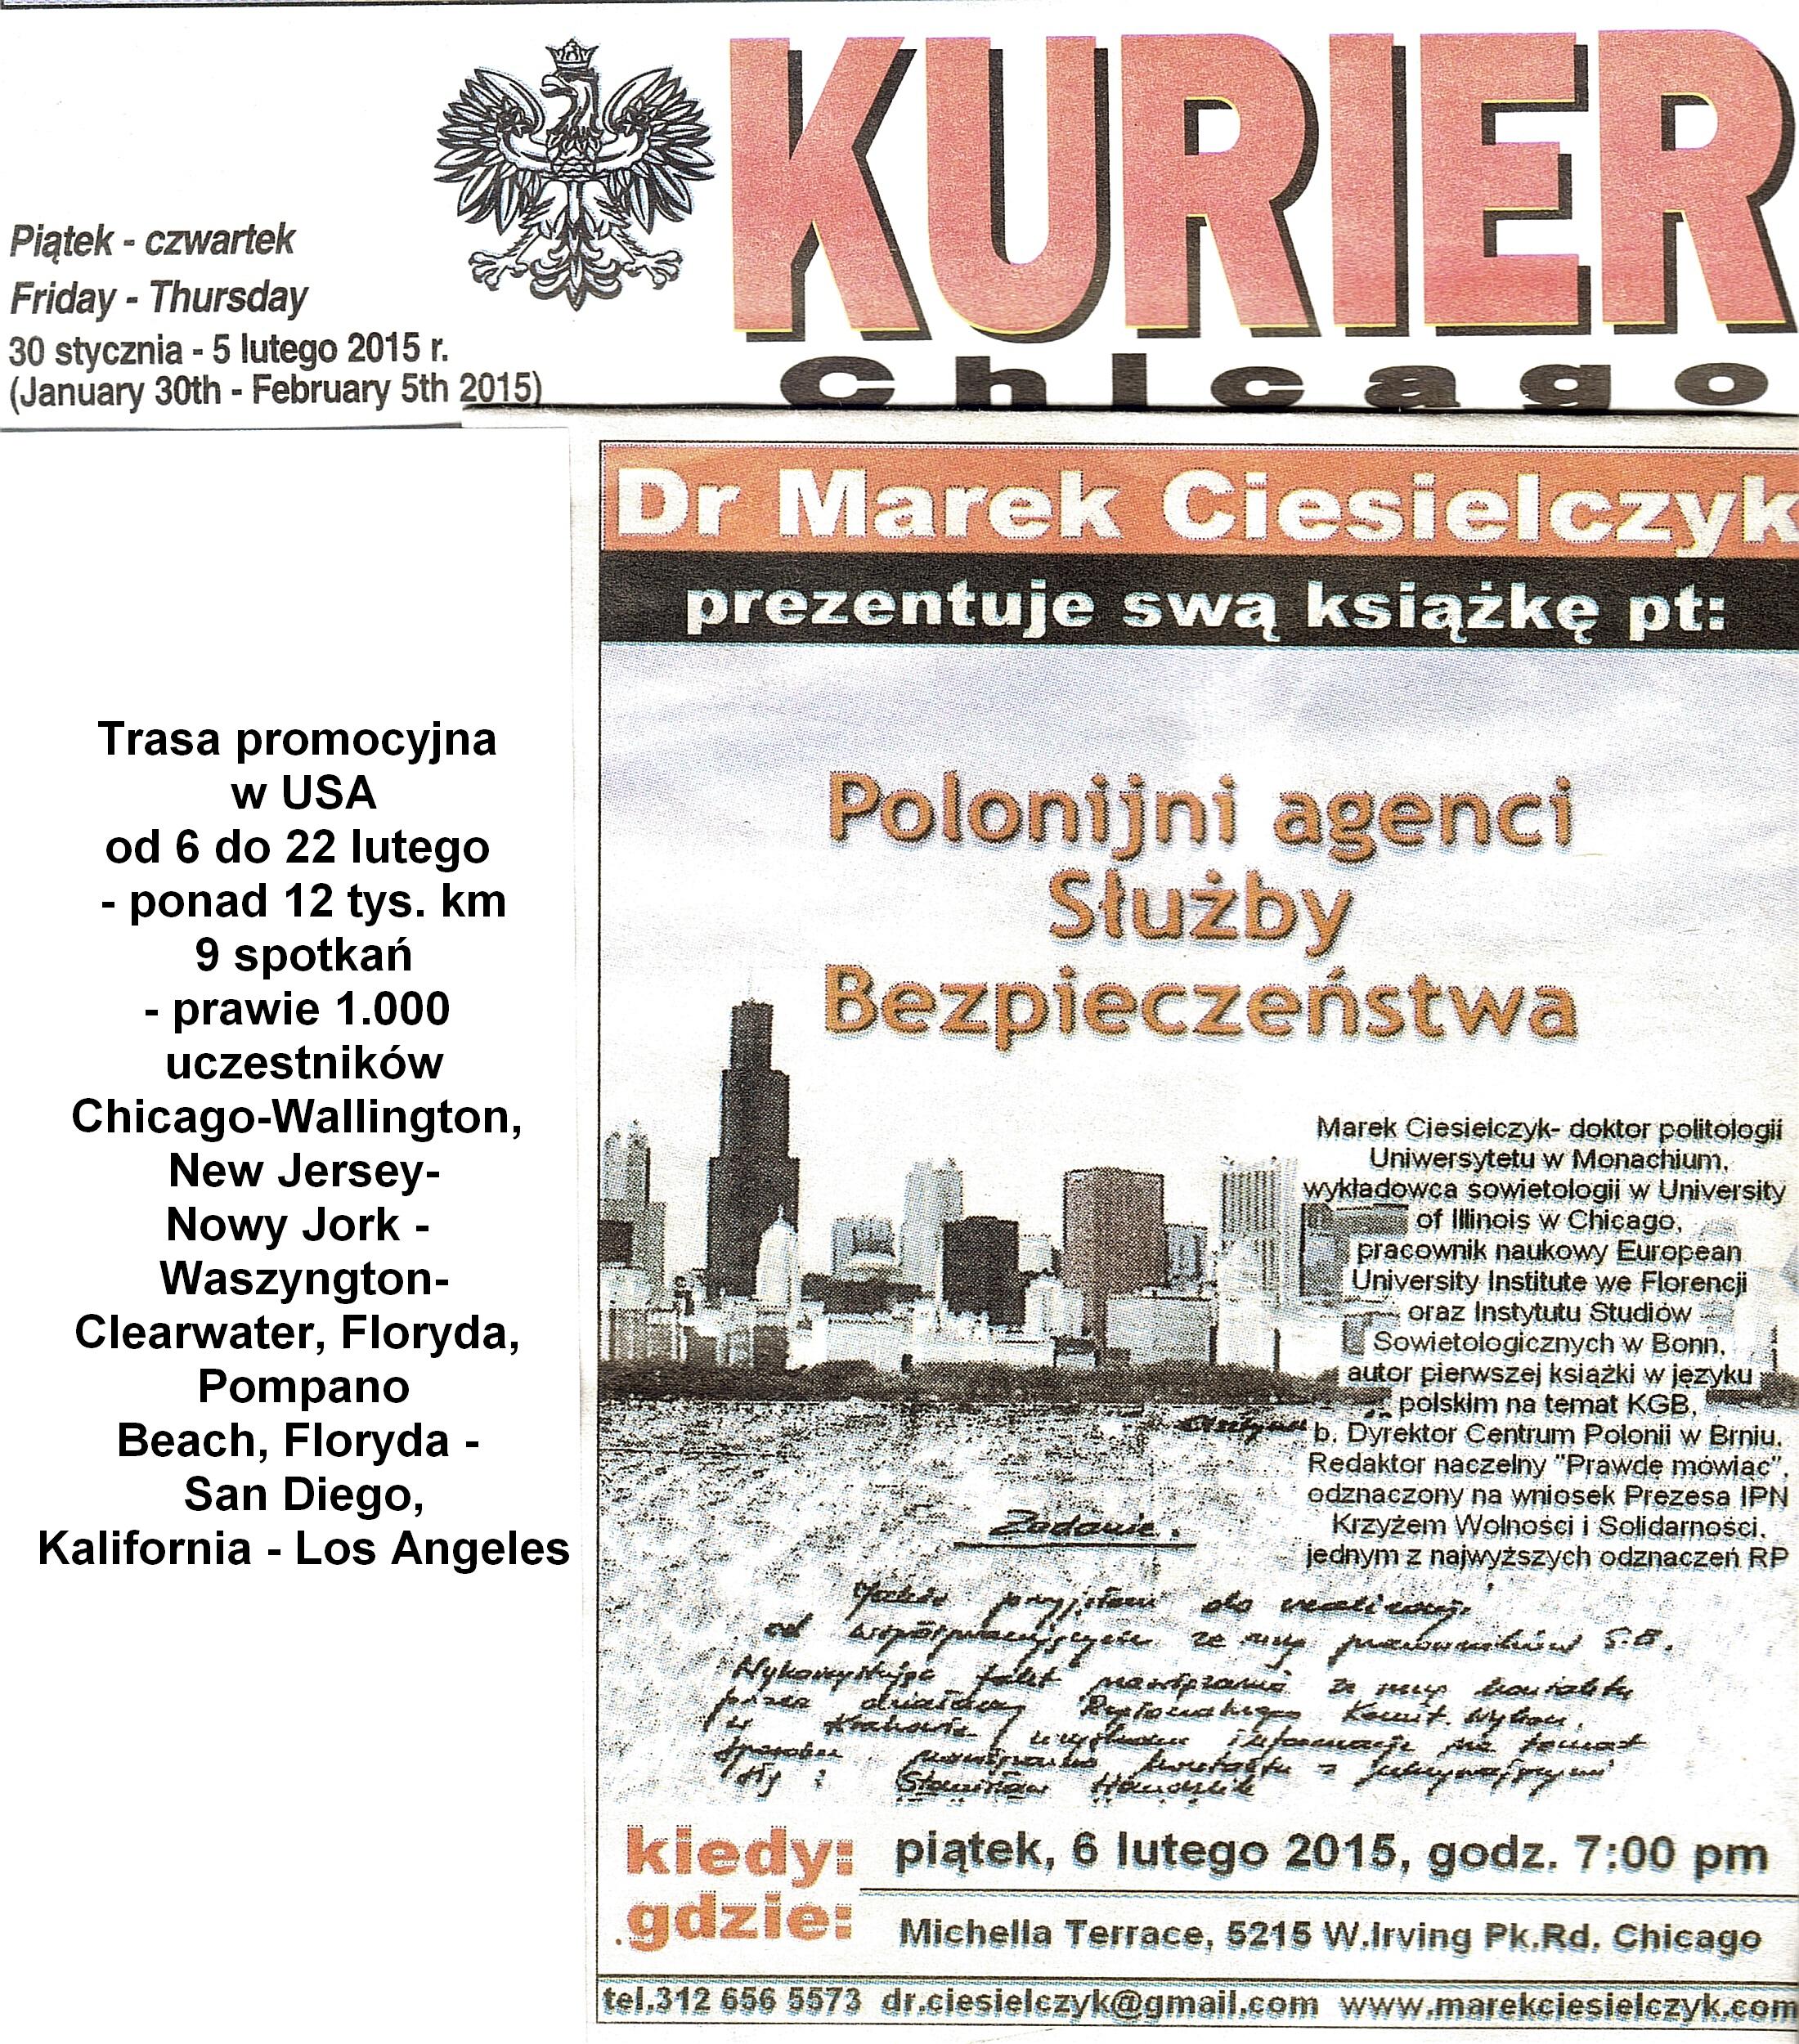 Marek Ciesielczyk prezentuje w USA swoją nową książkę: Polonijni agenci Służby Bezpieczeństwa